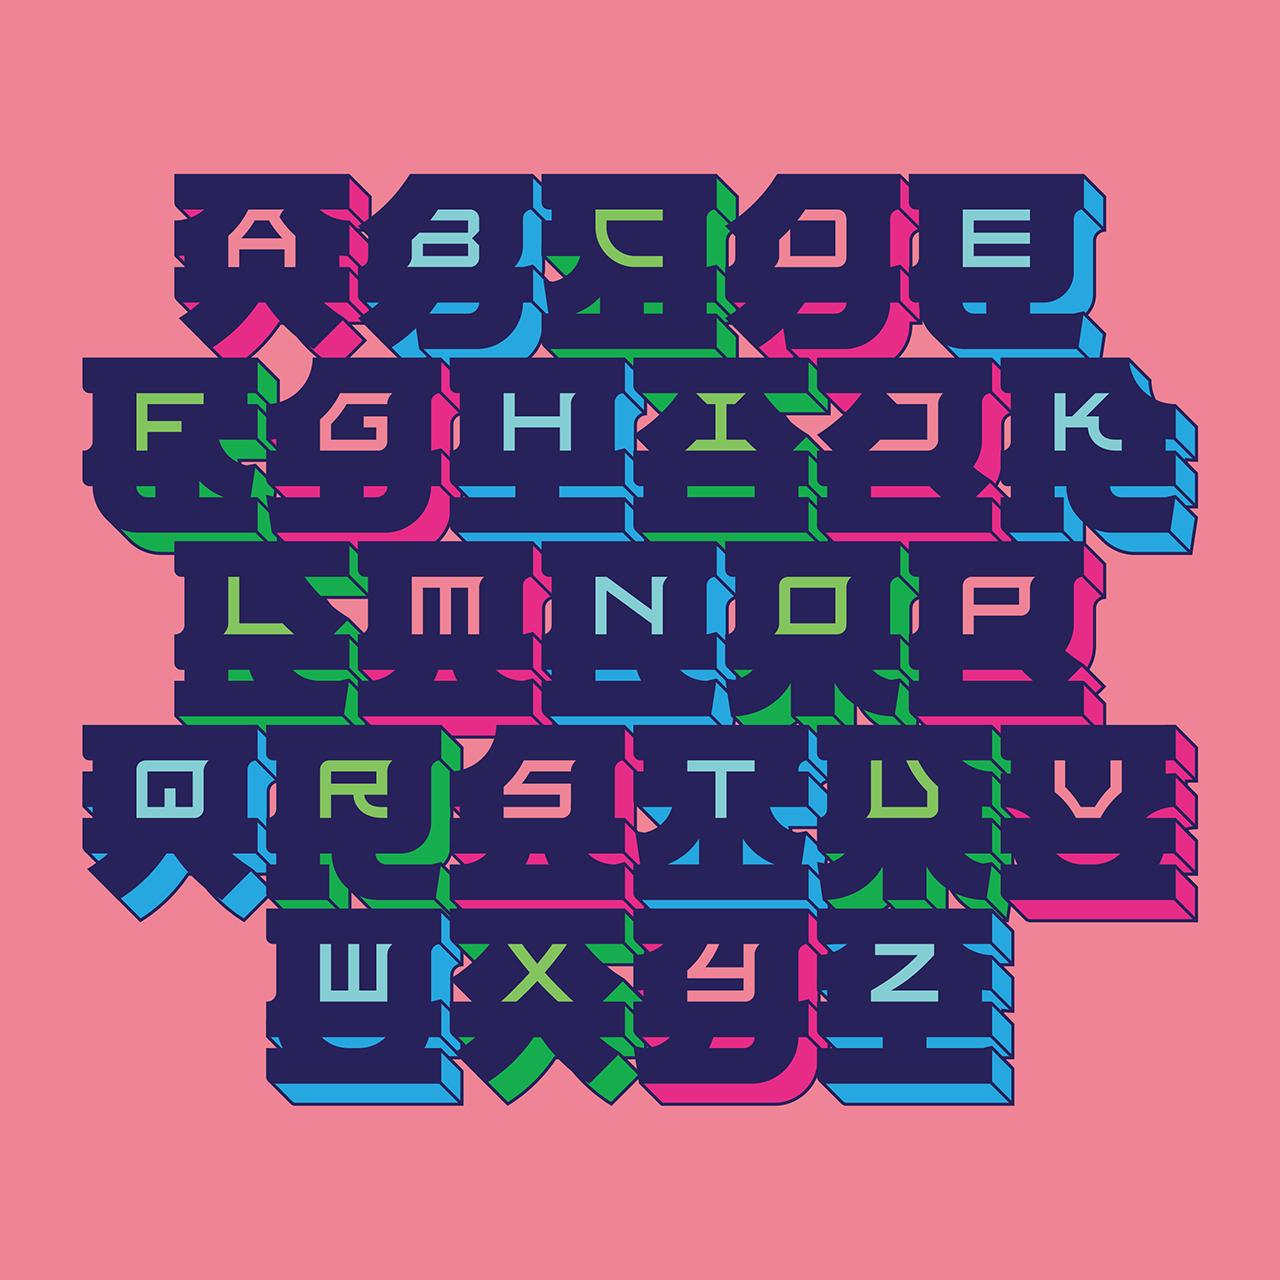 Katakana_Characters_FinalArt_v copy 5.png